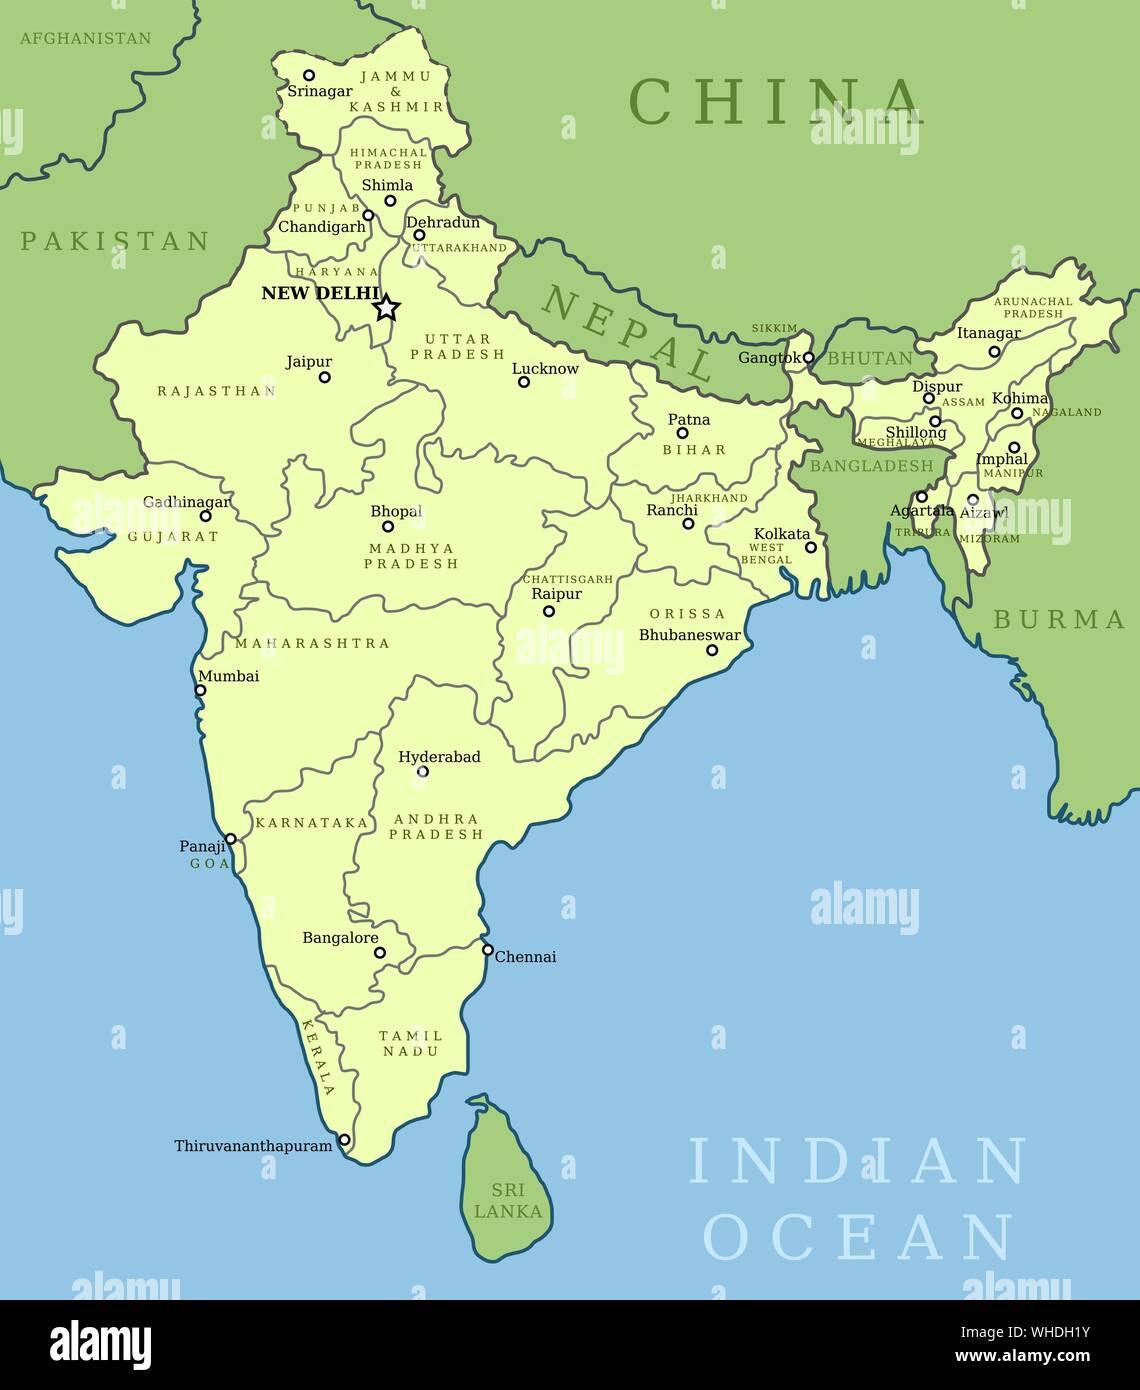 Kashmir Map Stock Photos & Kashmir Map Stock Images - Alamy